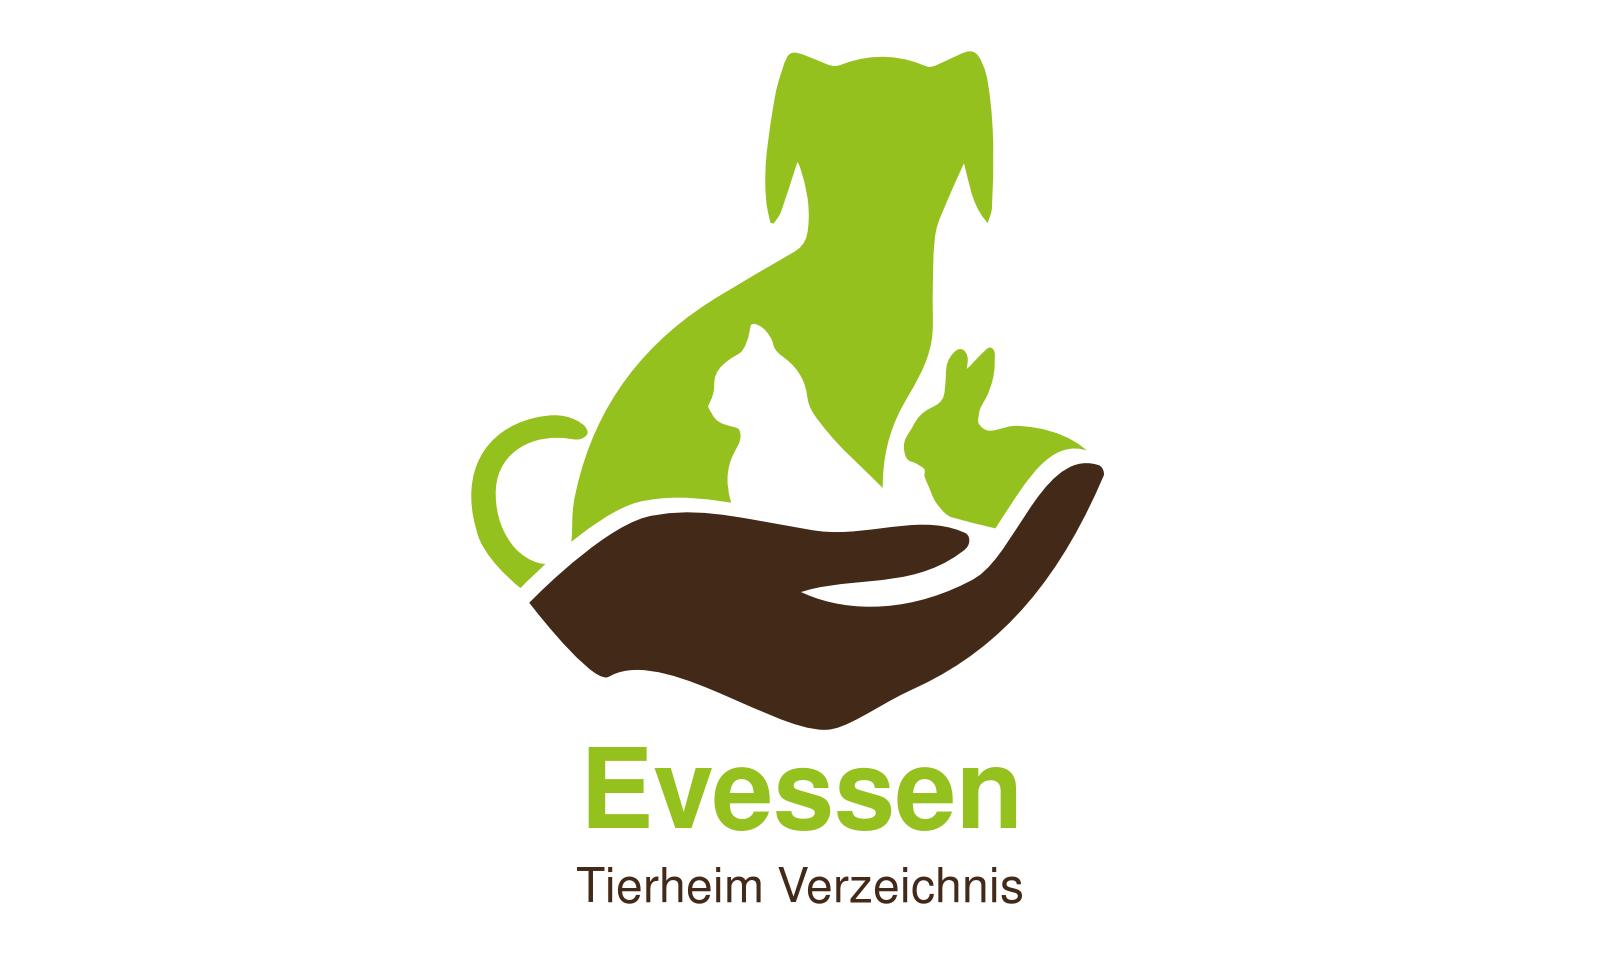 Tierheim Evessen